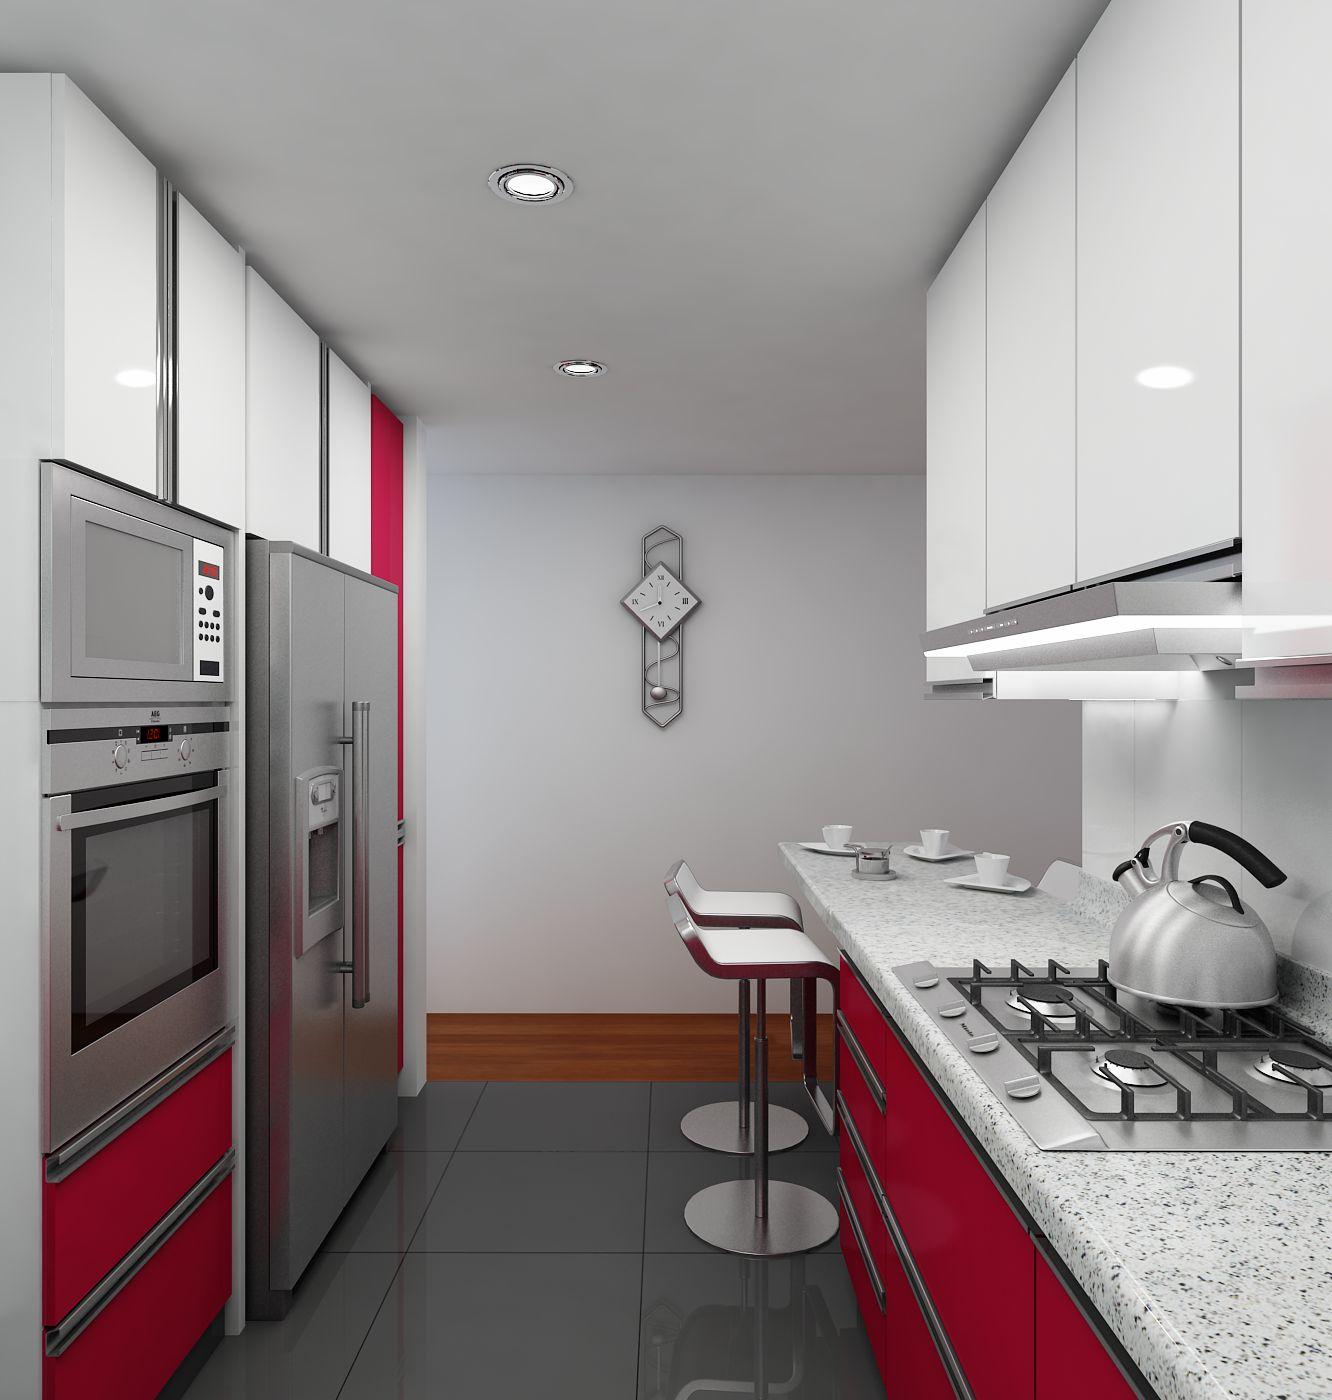 Cocina-202b-3500-3500